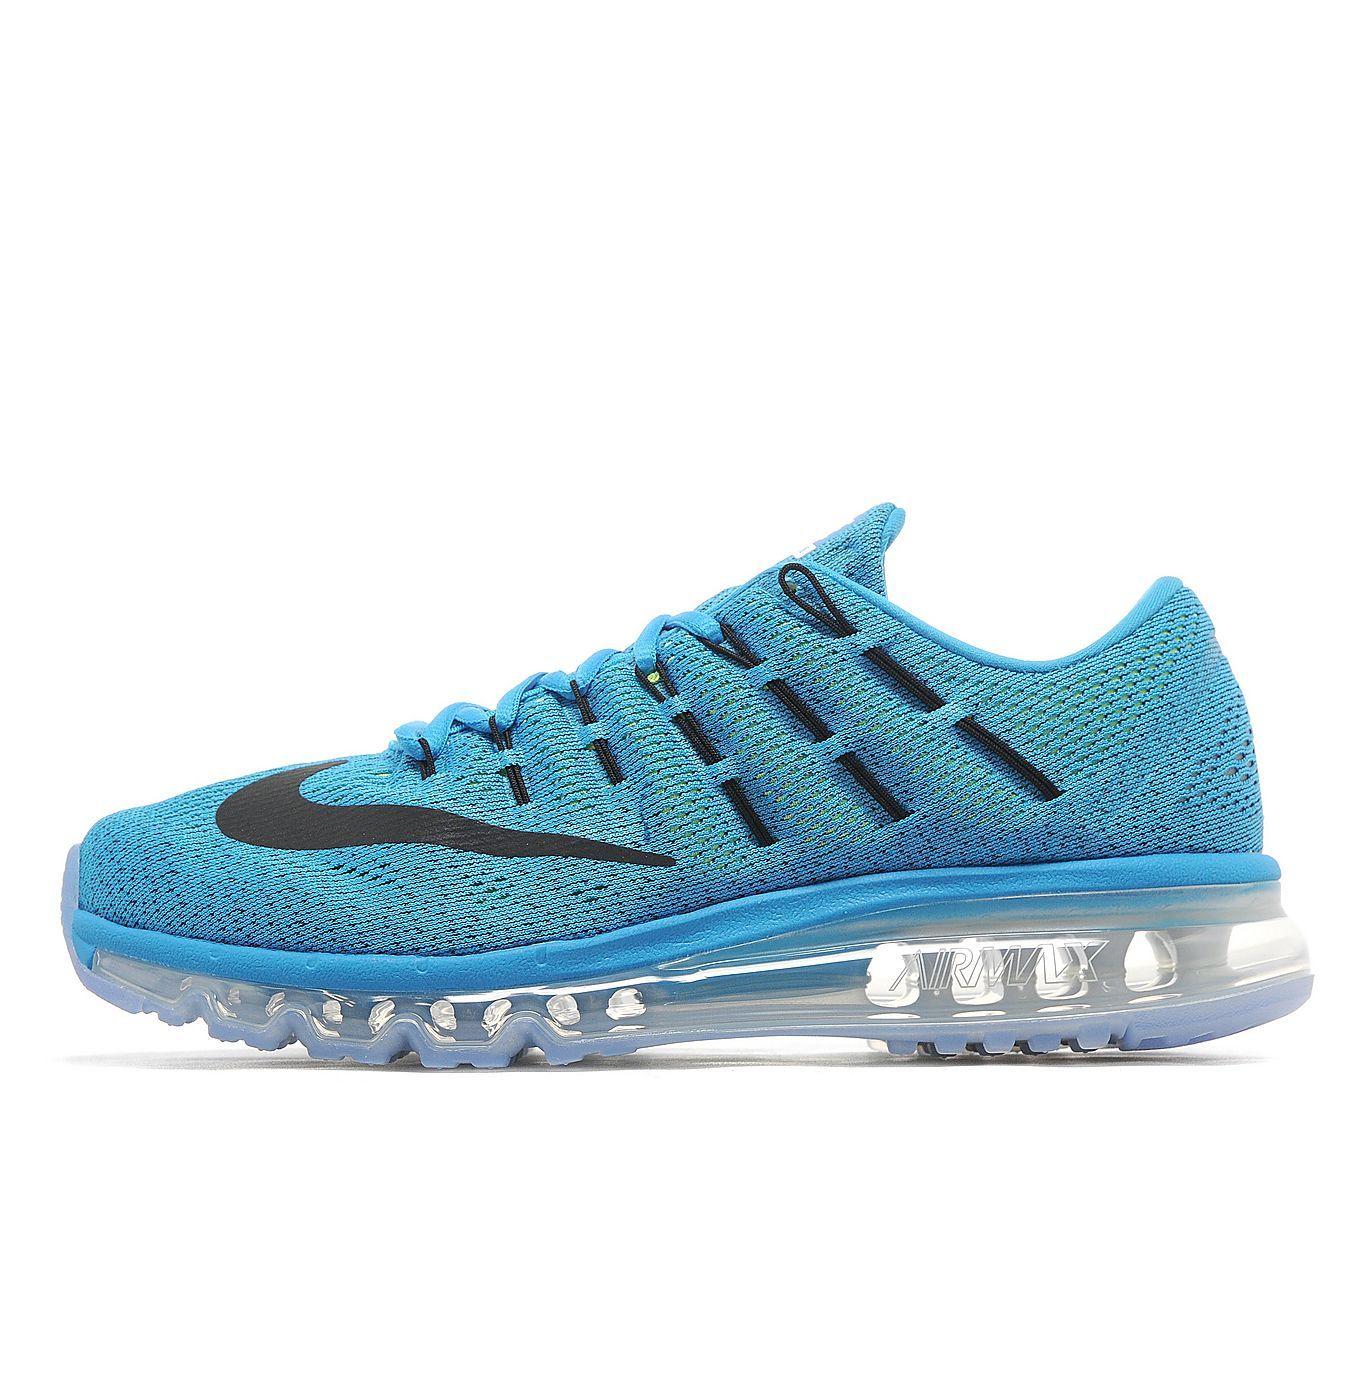 NikeAir Max 2016 Sepatu